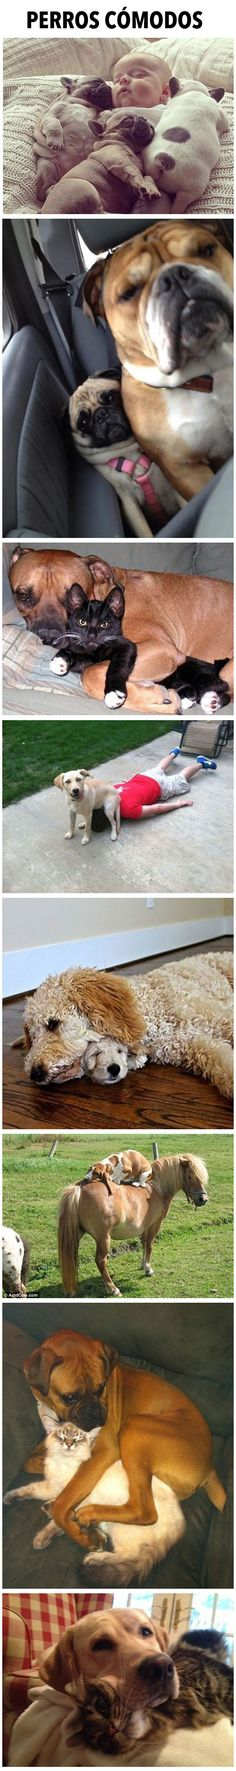 Perros cómodos. #humor #risa #graciosas #chistosas #divertidas